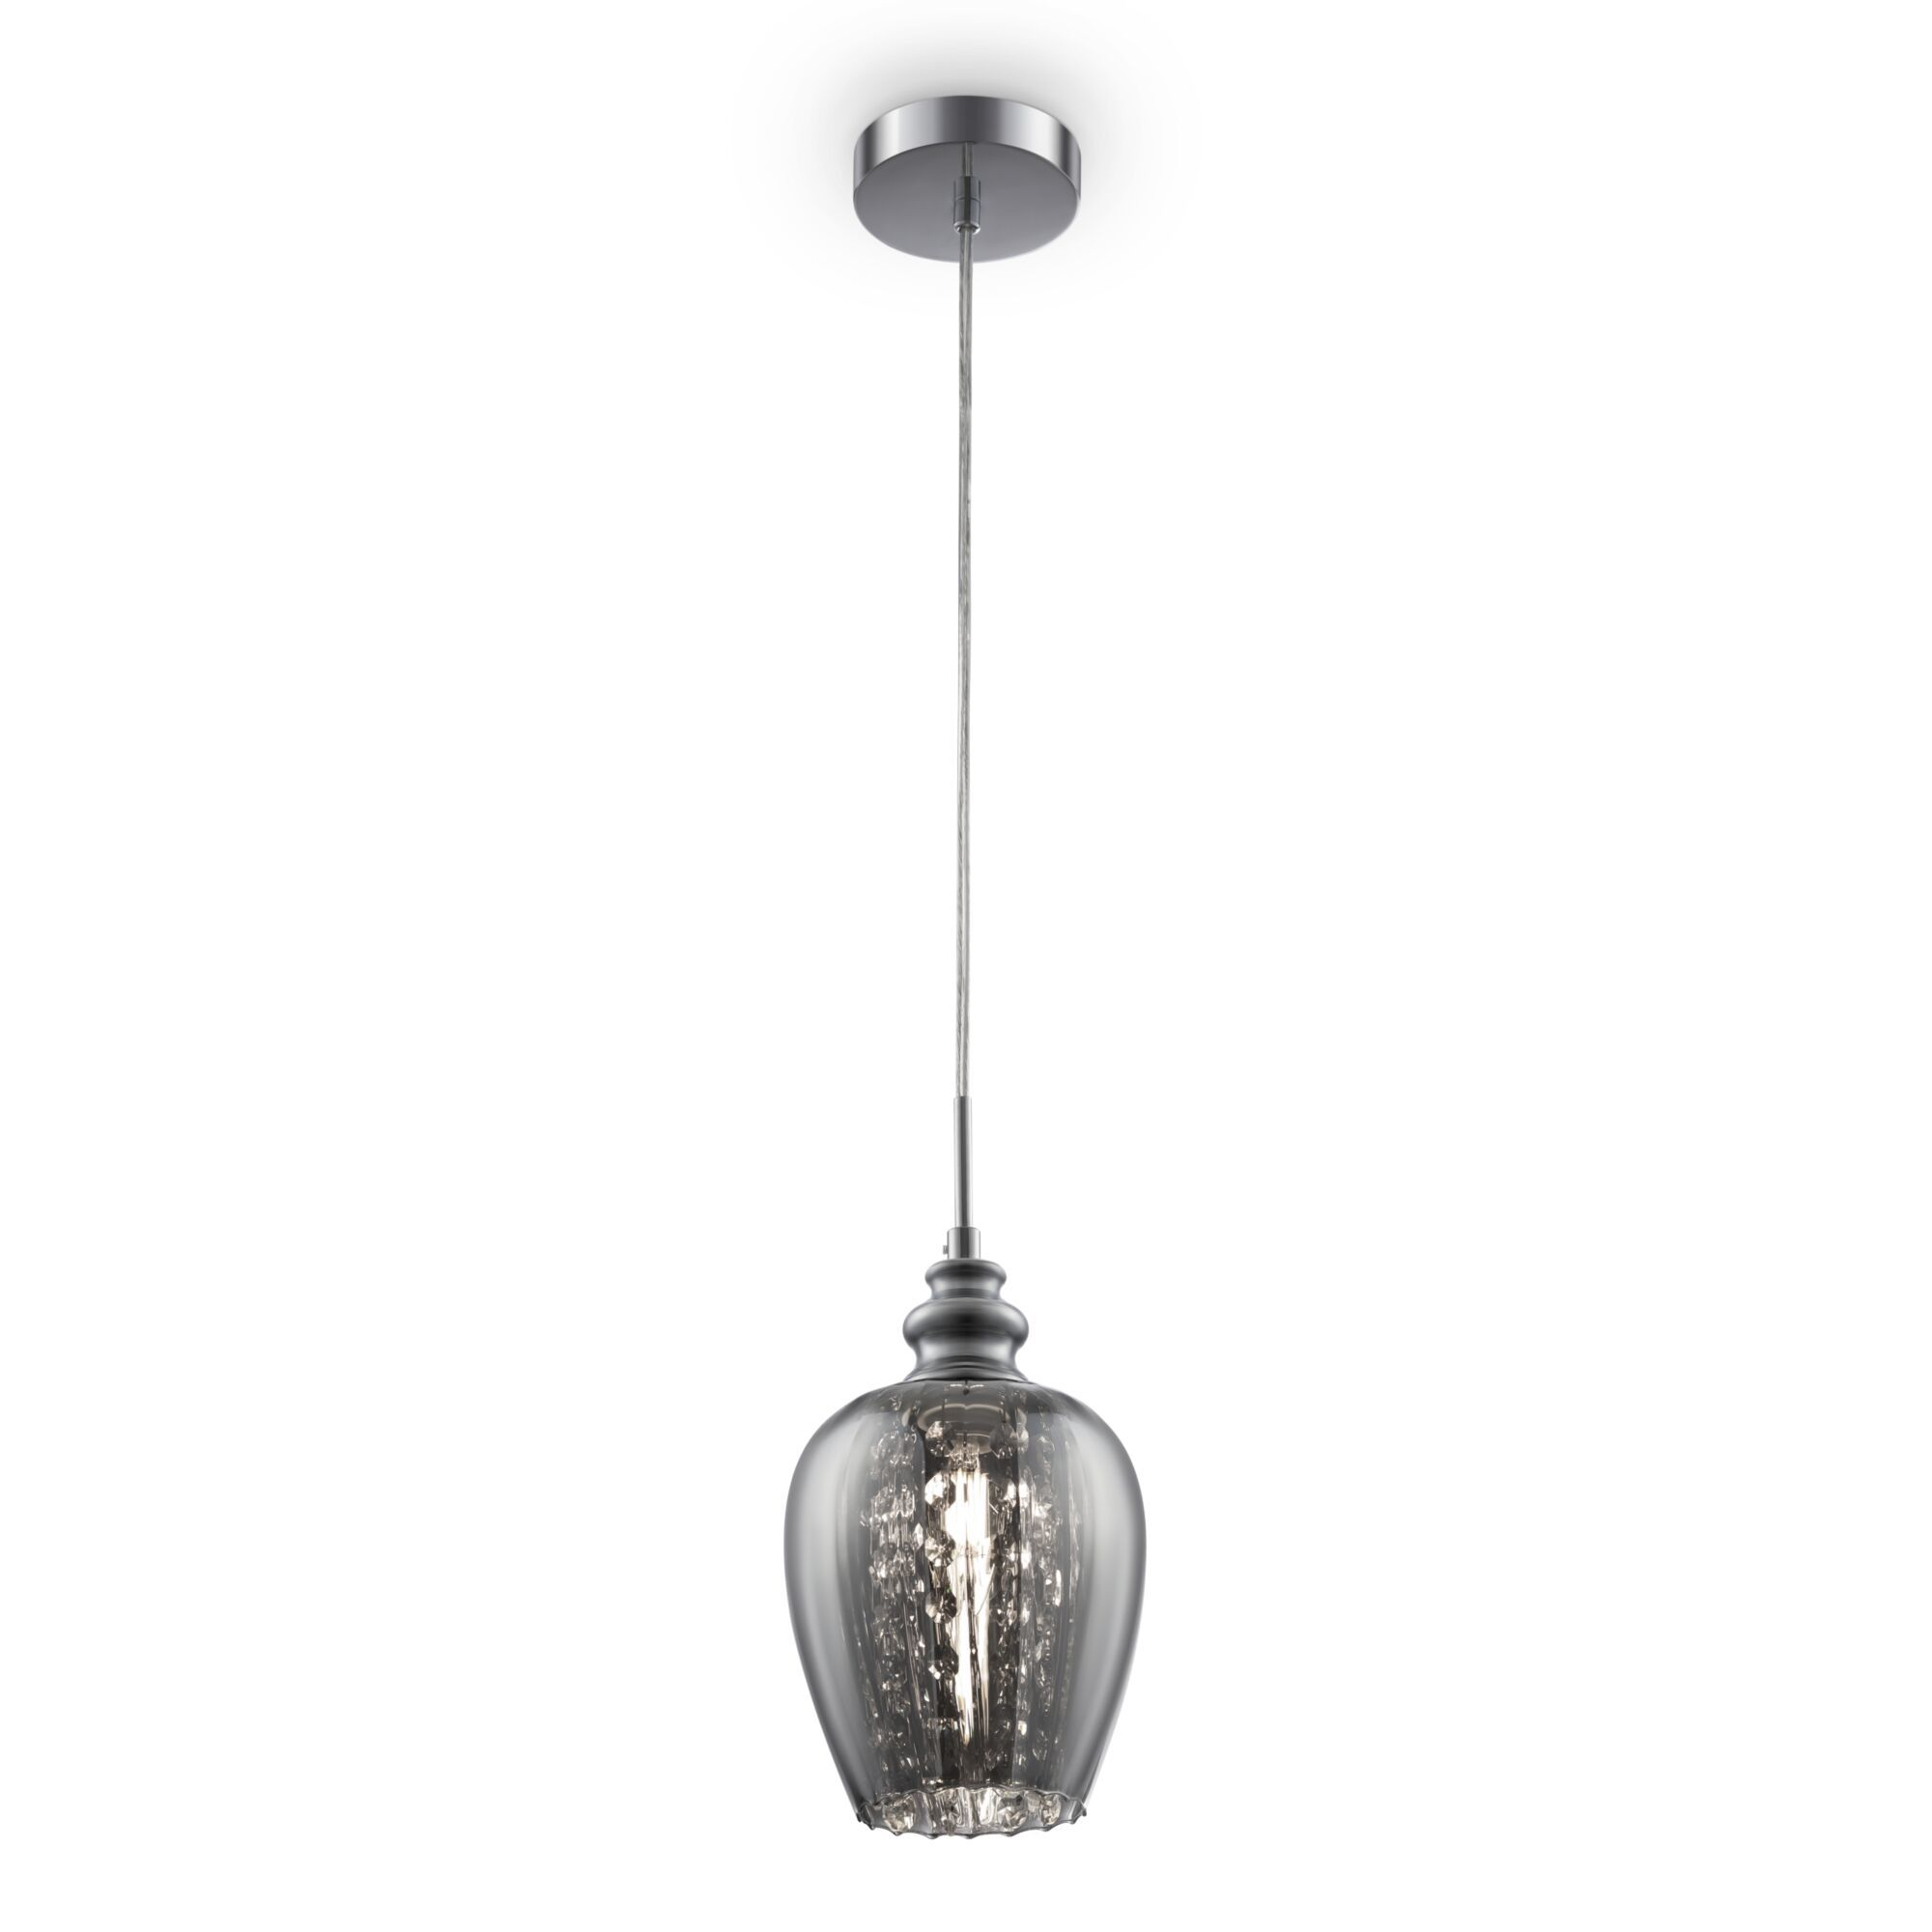 Подвесной светильник Maytoni Blues MOD033-PL-01-N (F003-11-N), 1xE14x40W, никель, дымчатый, прозрачный, металл, стекло, хрусталь - фото 1